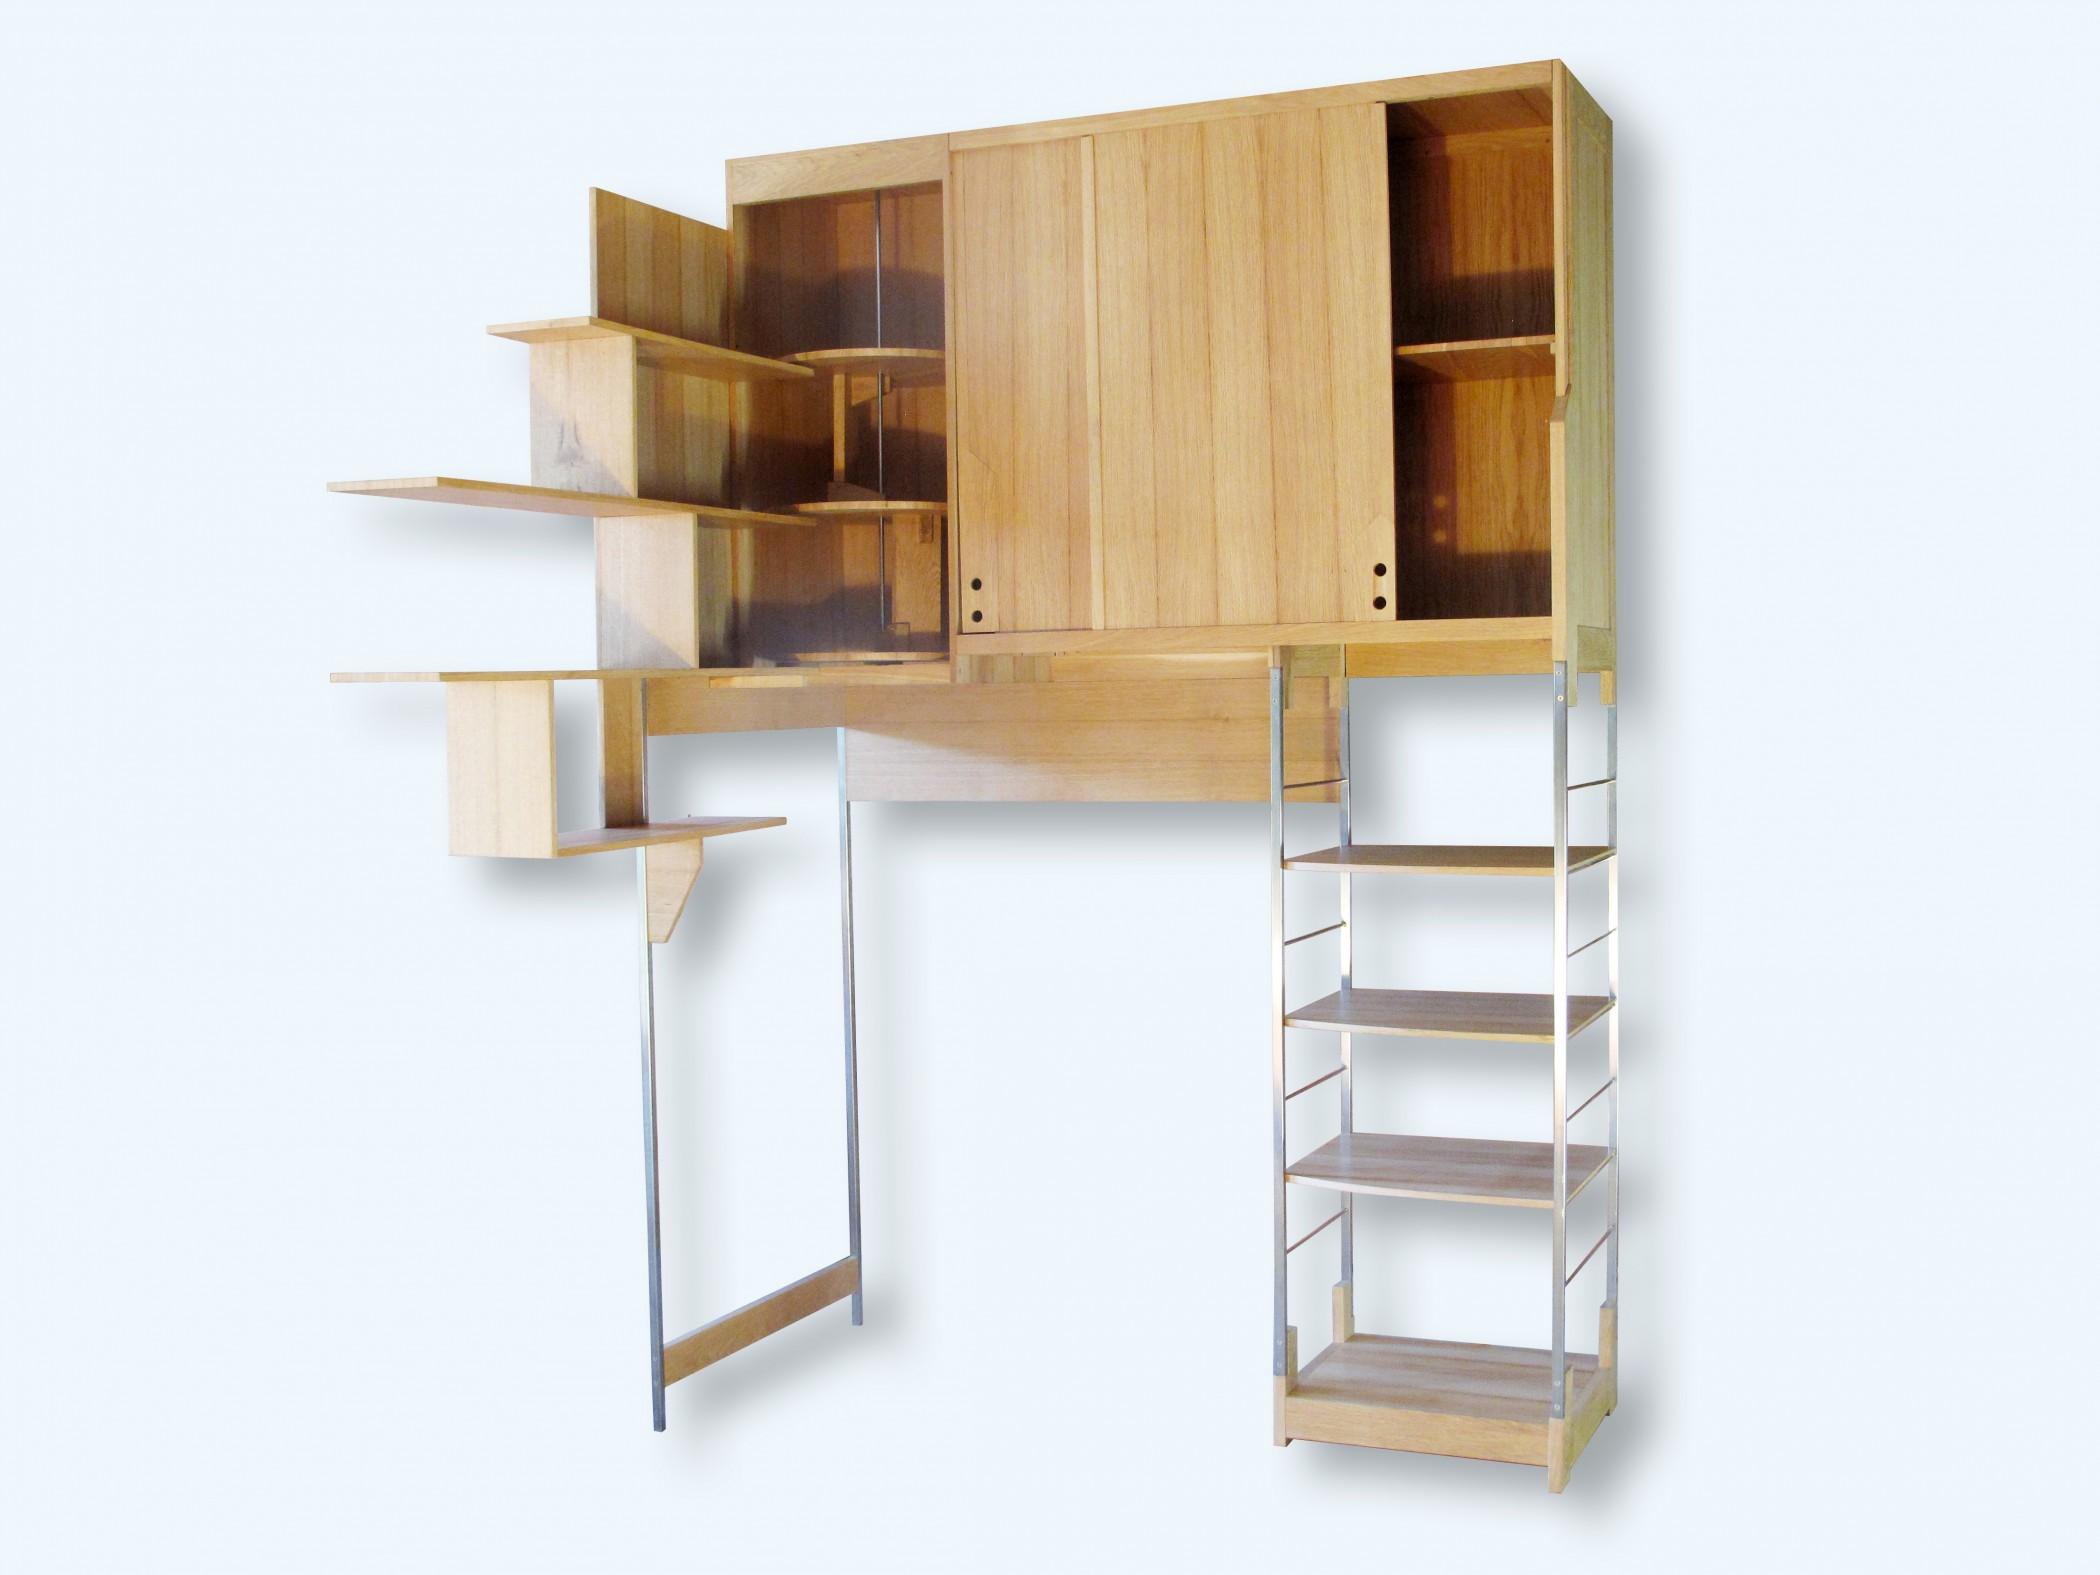 pr sentation goupil pierre. Black Bedroom Furniture Sets. Home Design Ideas